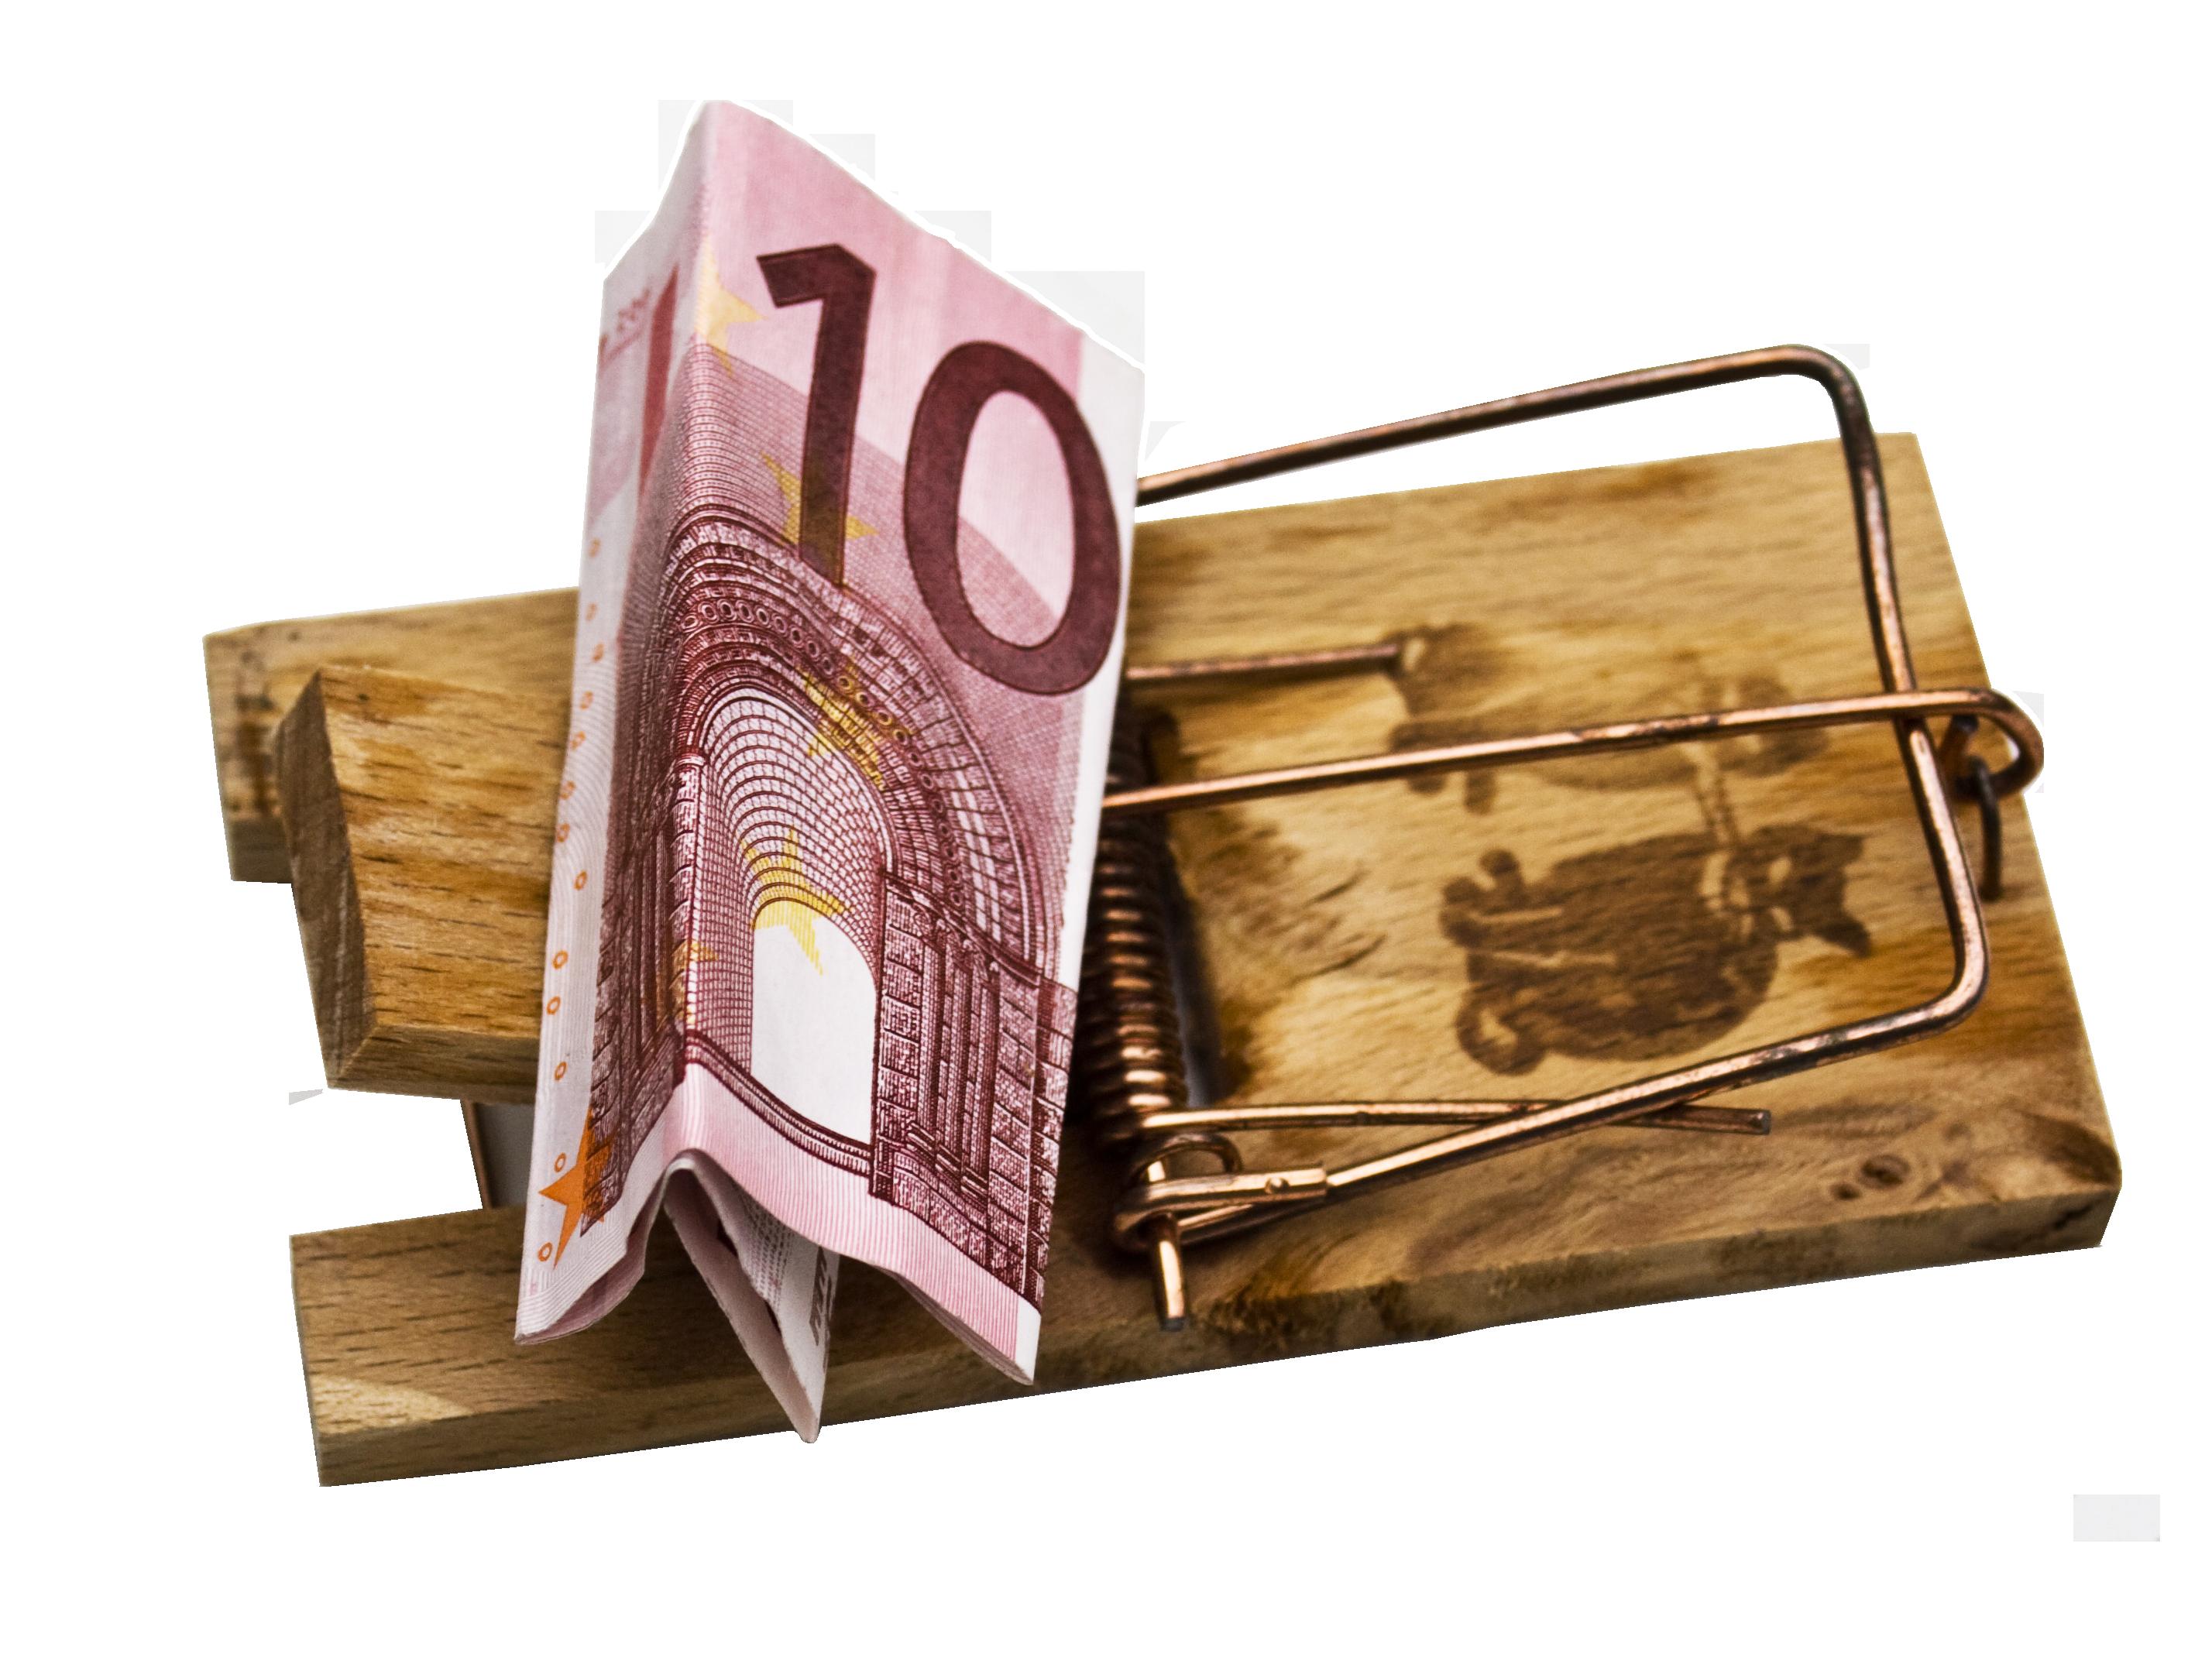 Billigurlaub: 6 Spar-Tipps für ein kleines Reisebudget